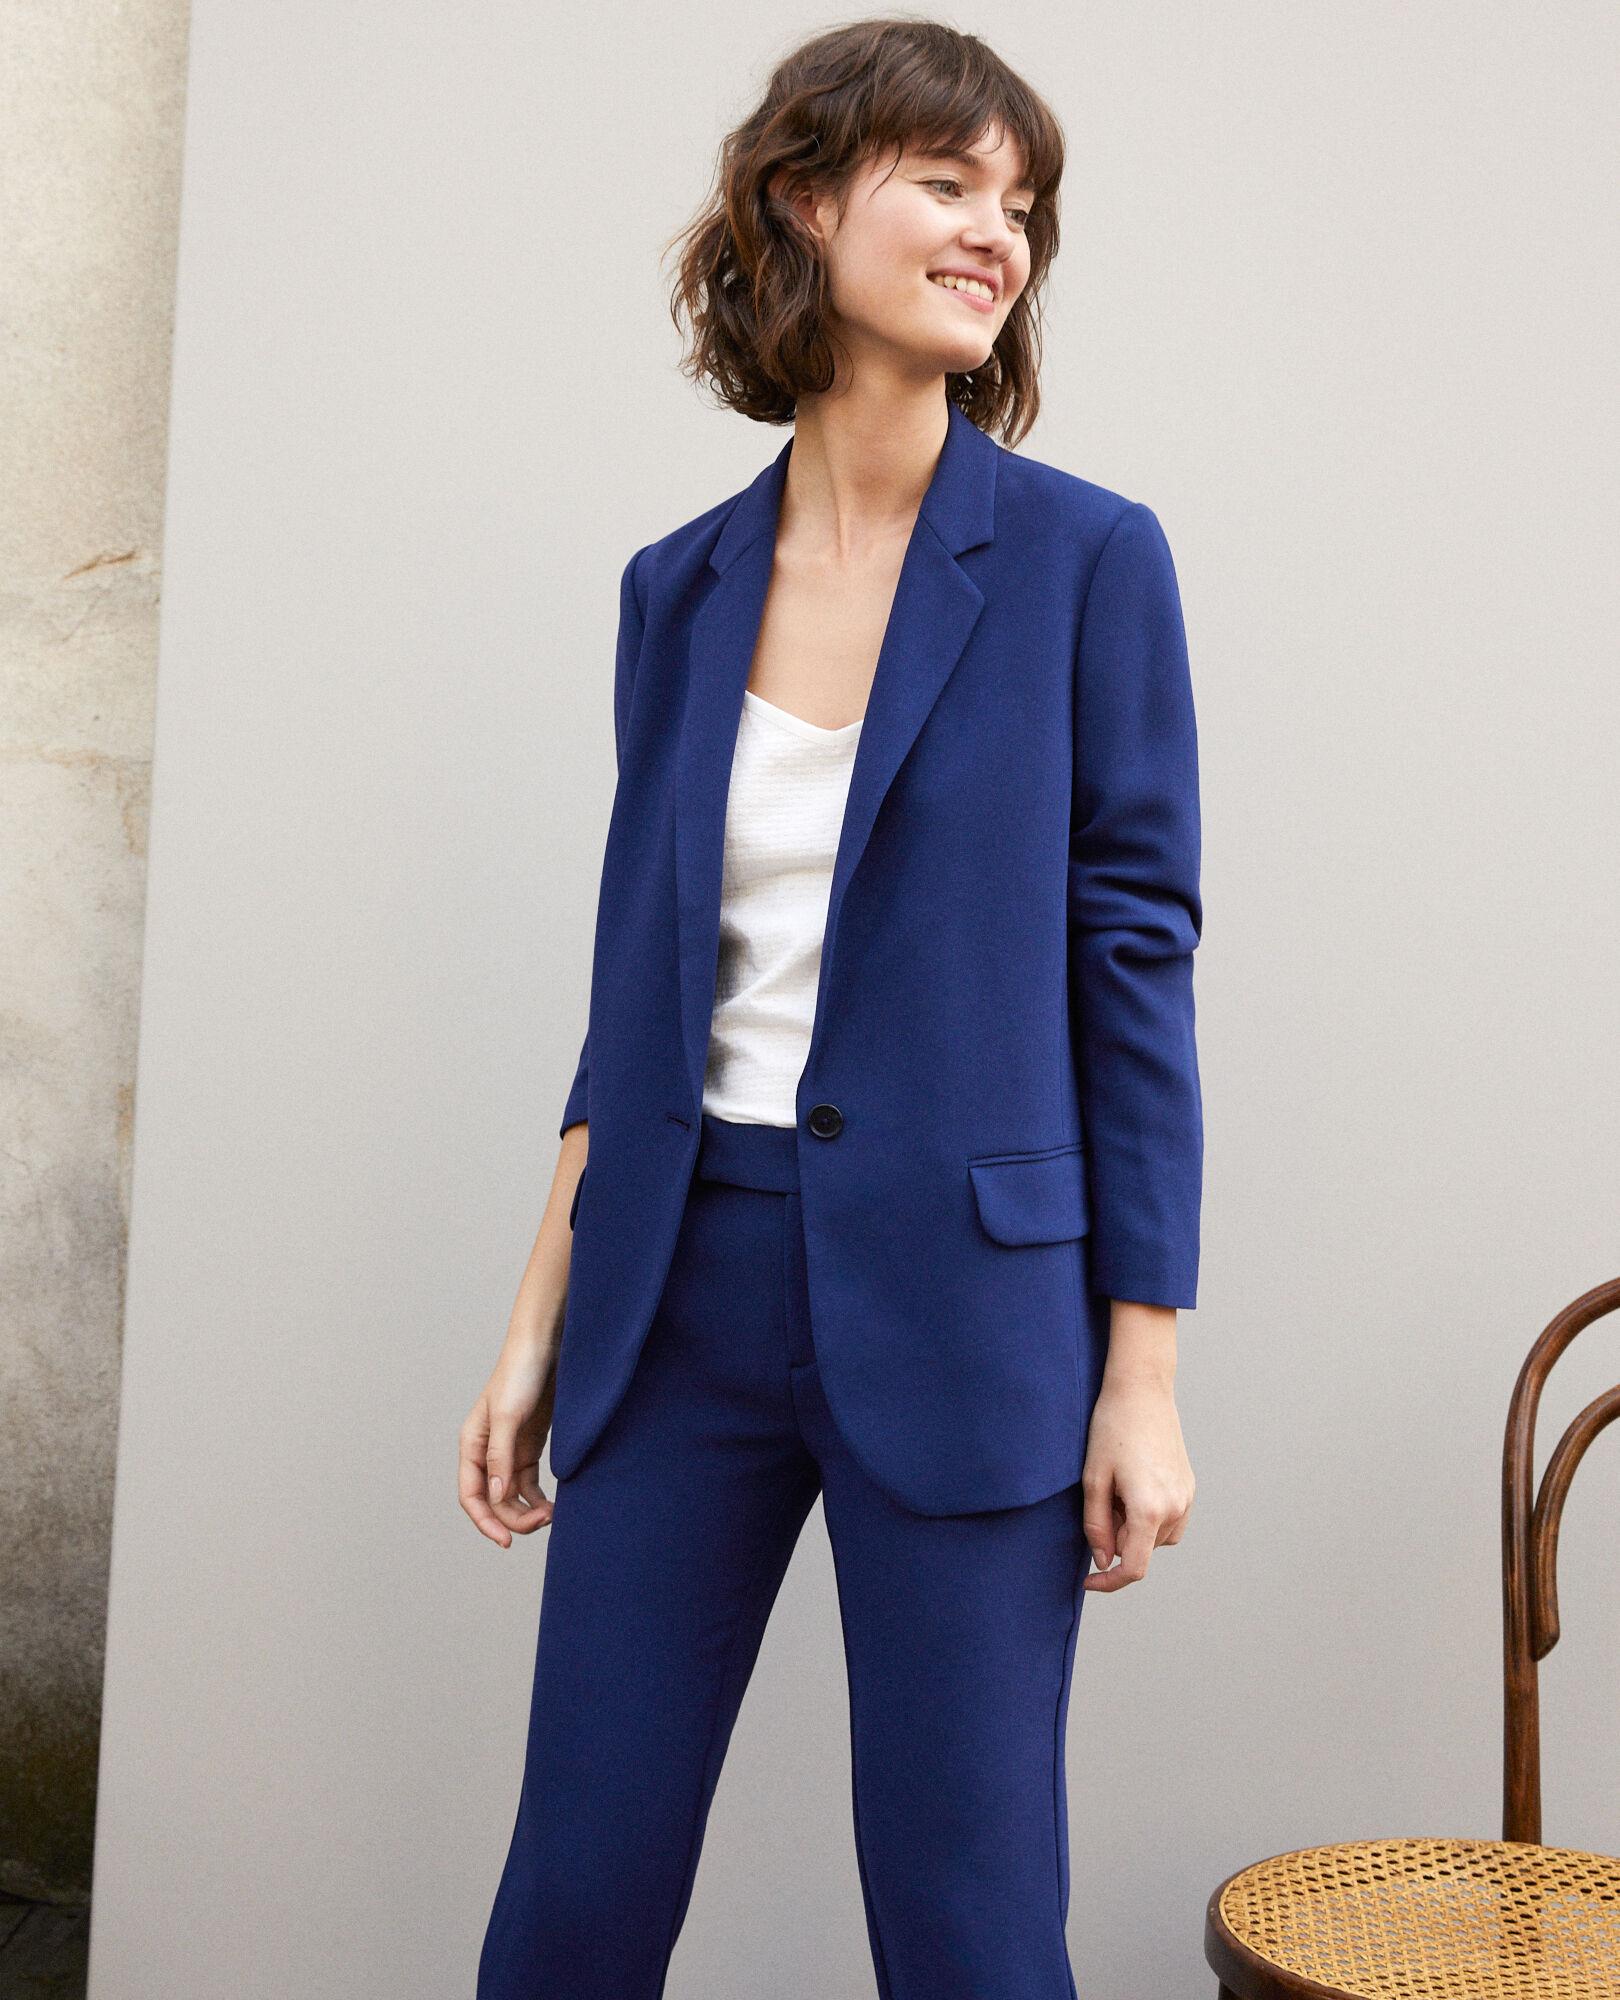 Des Veste Cotonniers Femme Mode Vestes La En Soldes Comptoir À 6gqw8H6